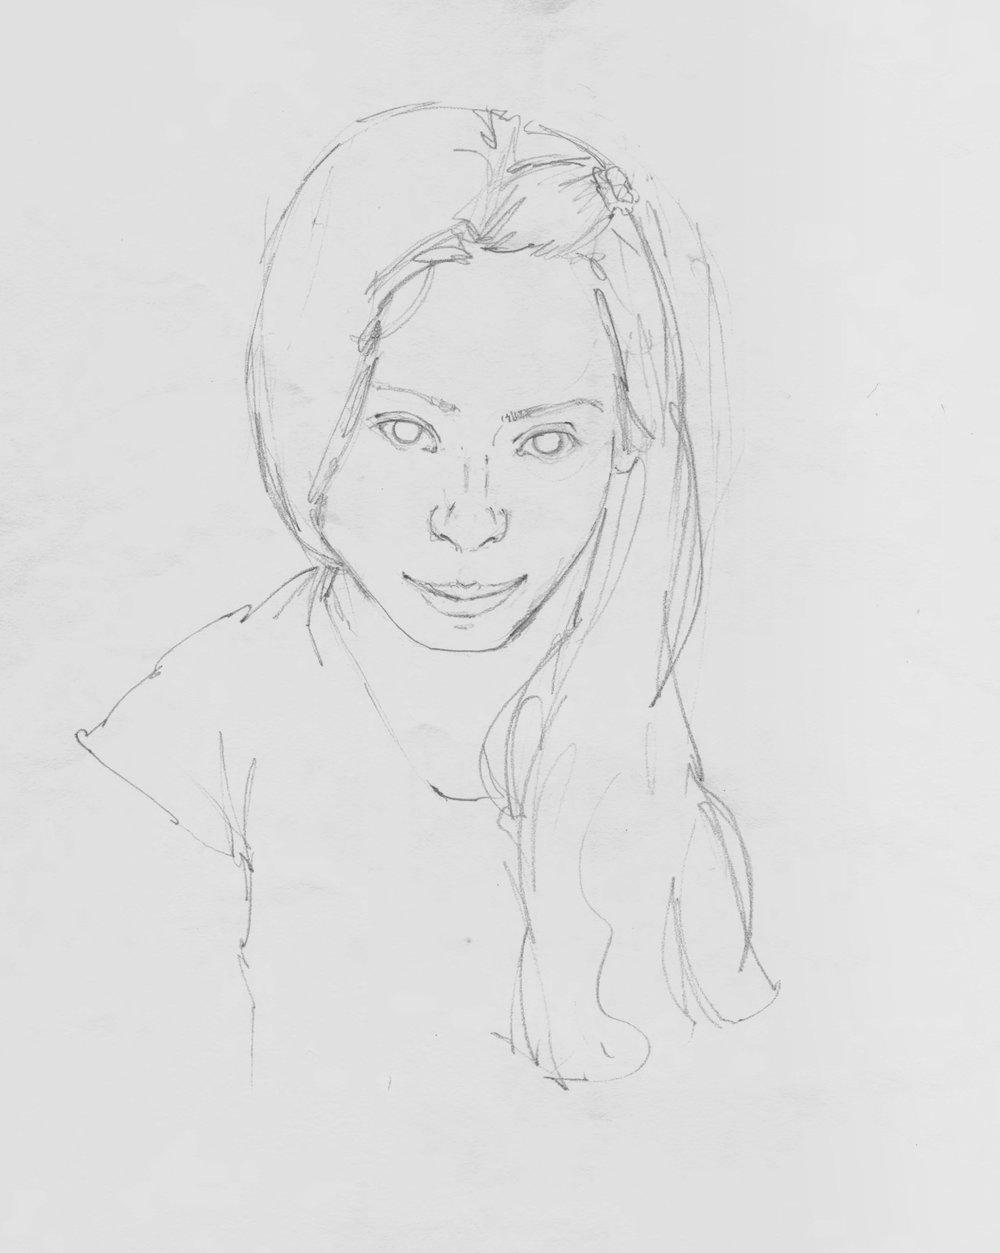 sketch45.jpg